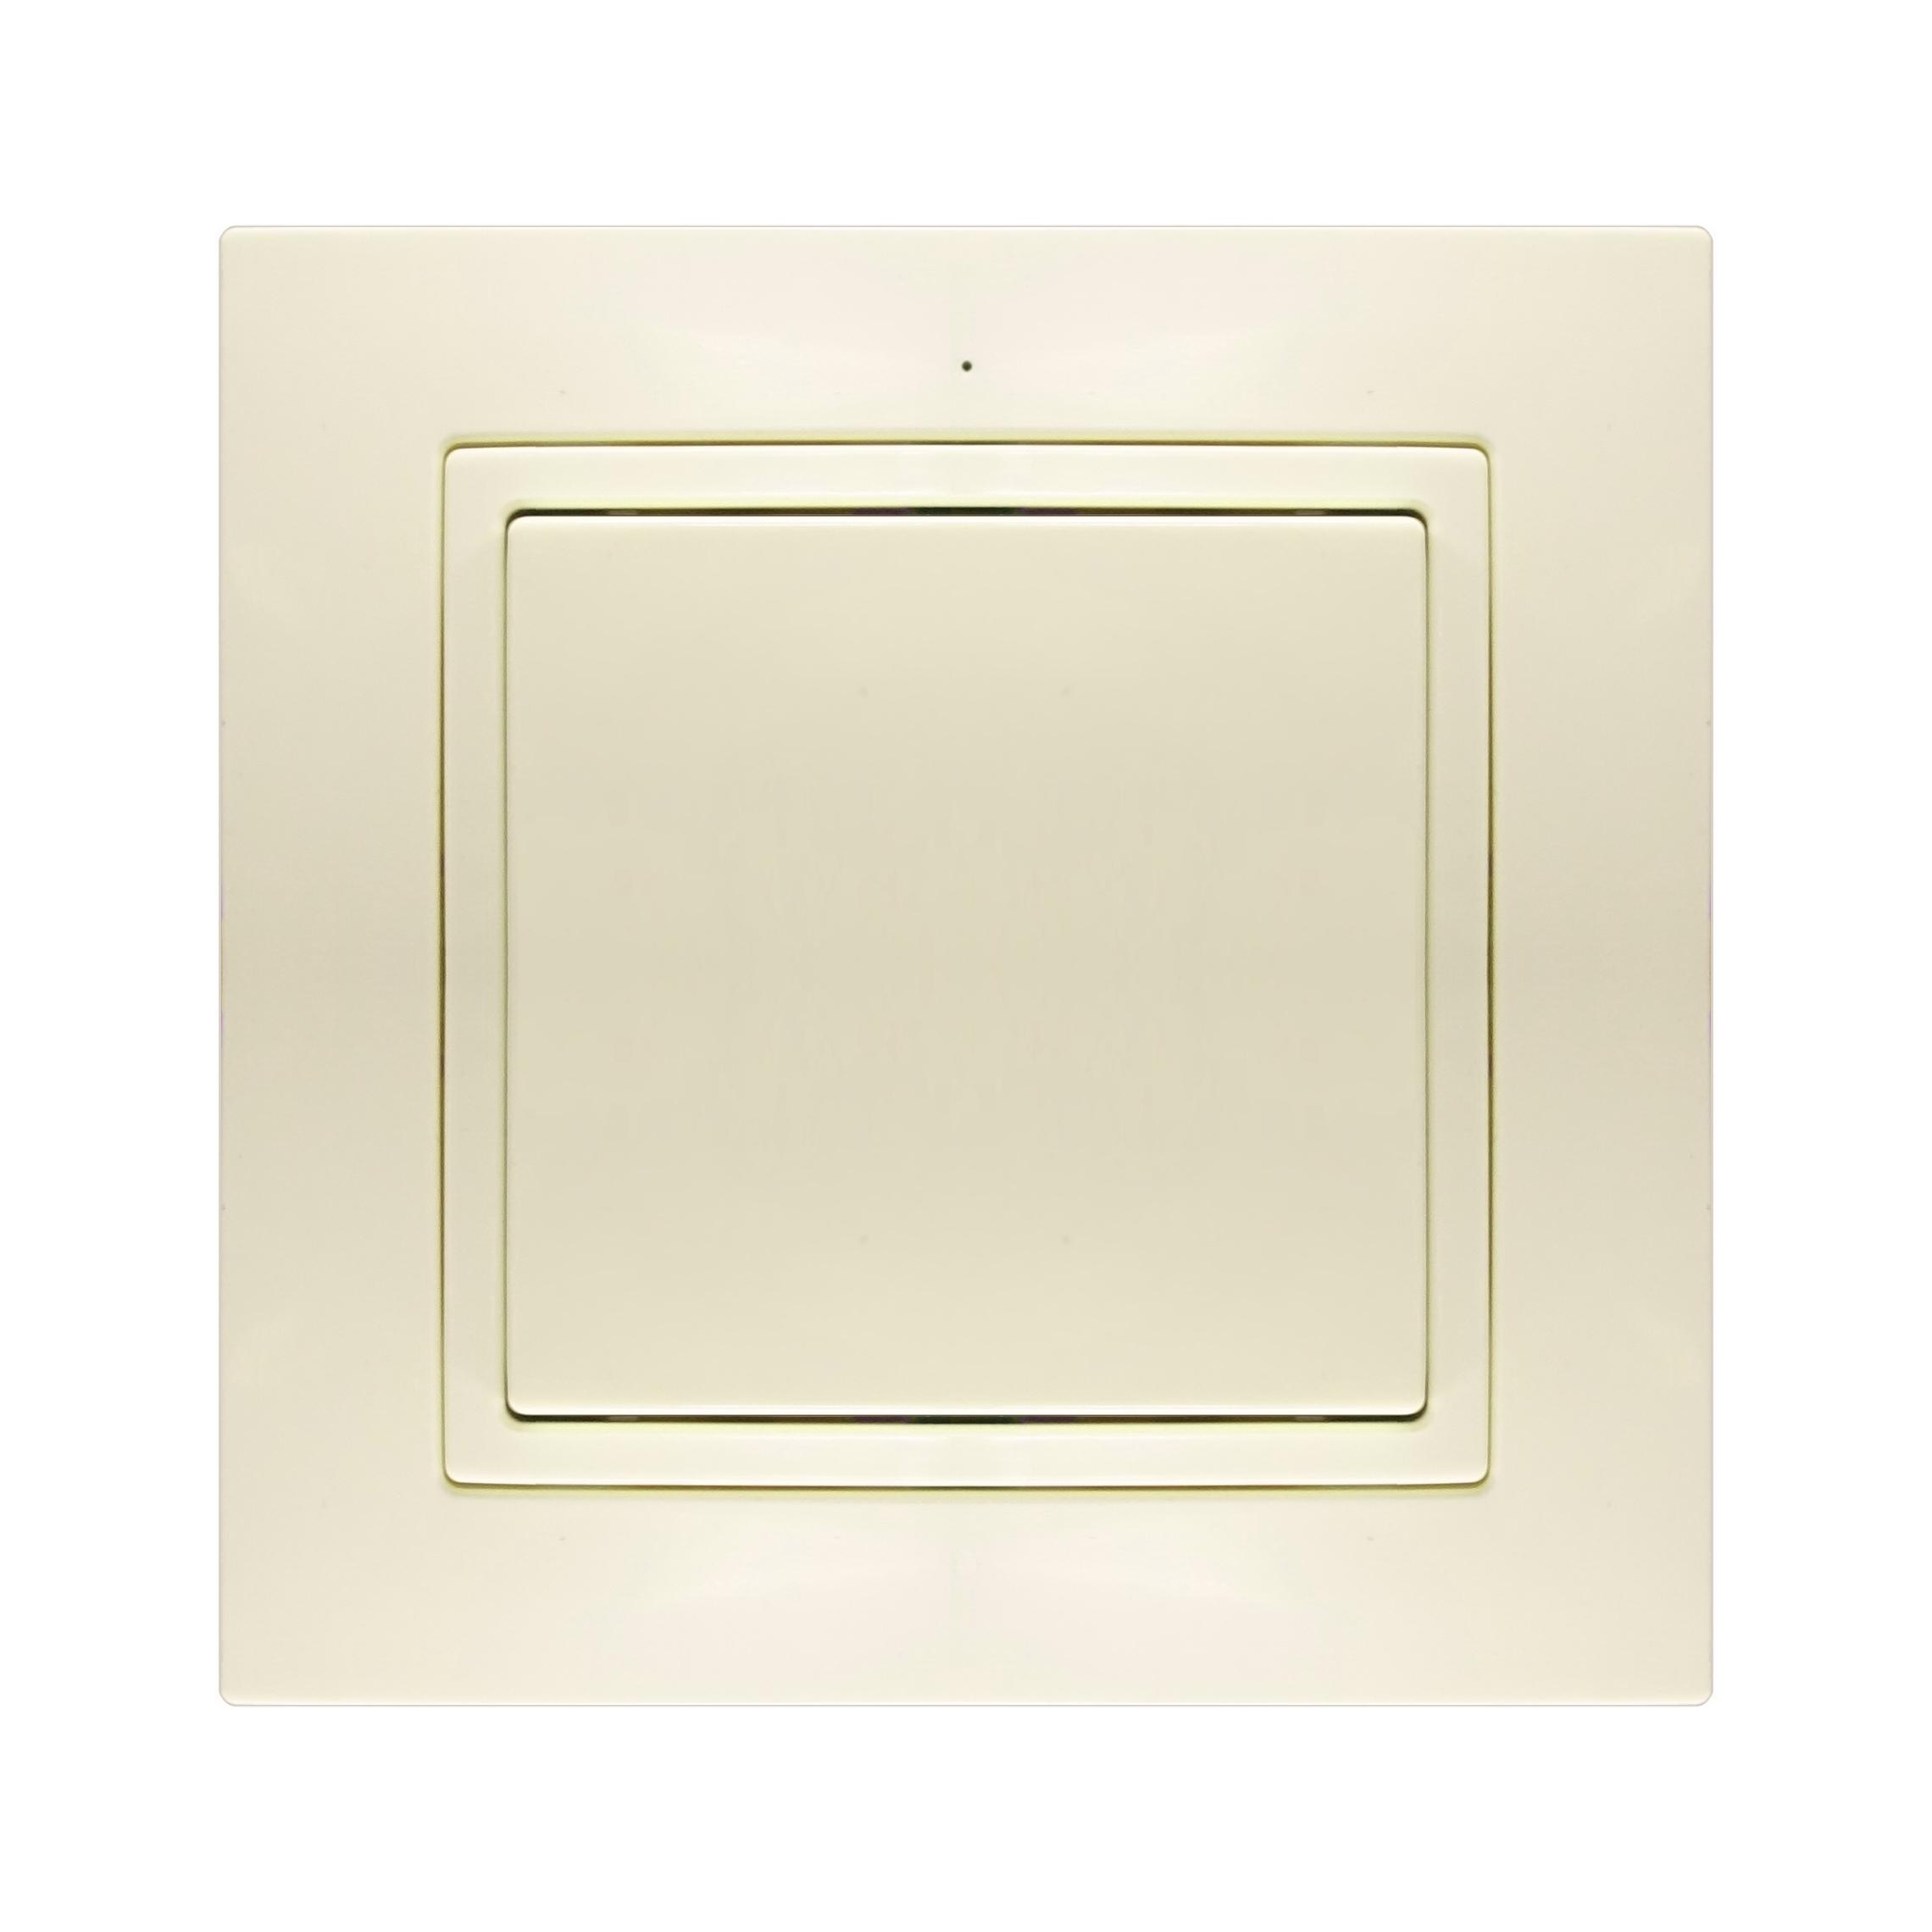 Беспроводной выключатель nooLite PB-211 бежевый